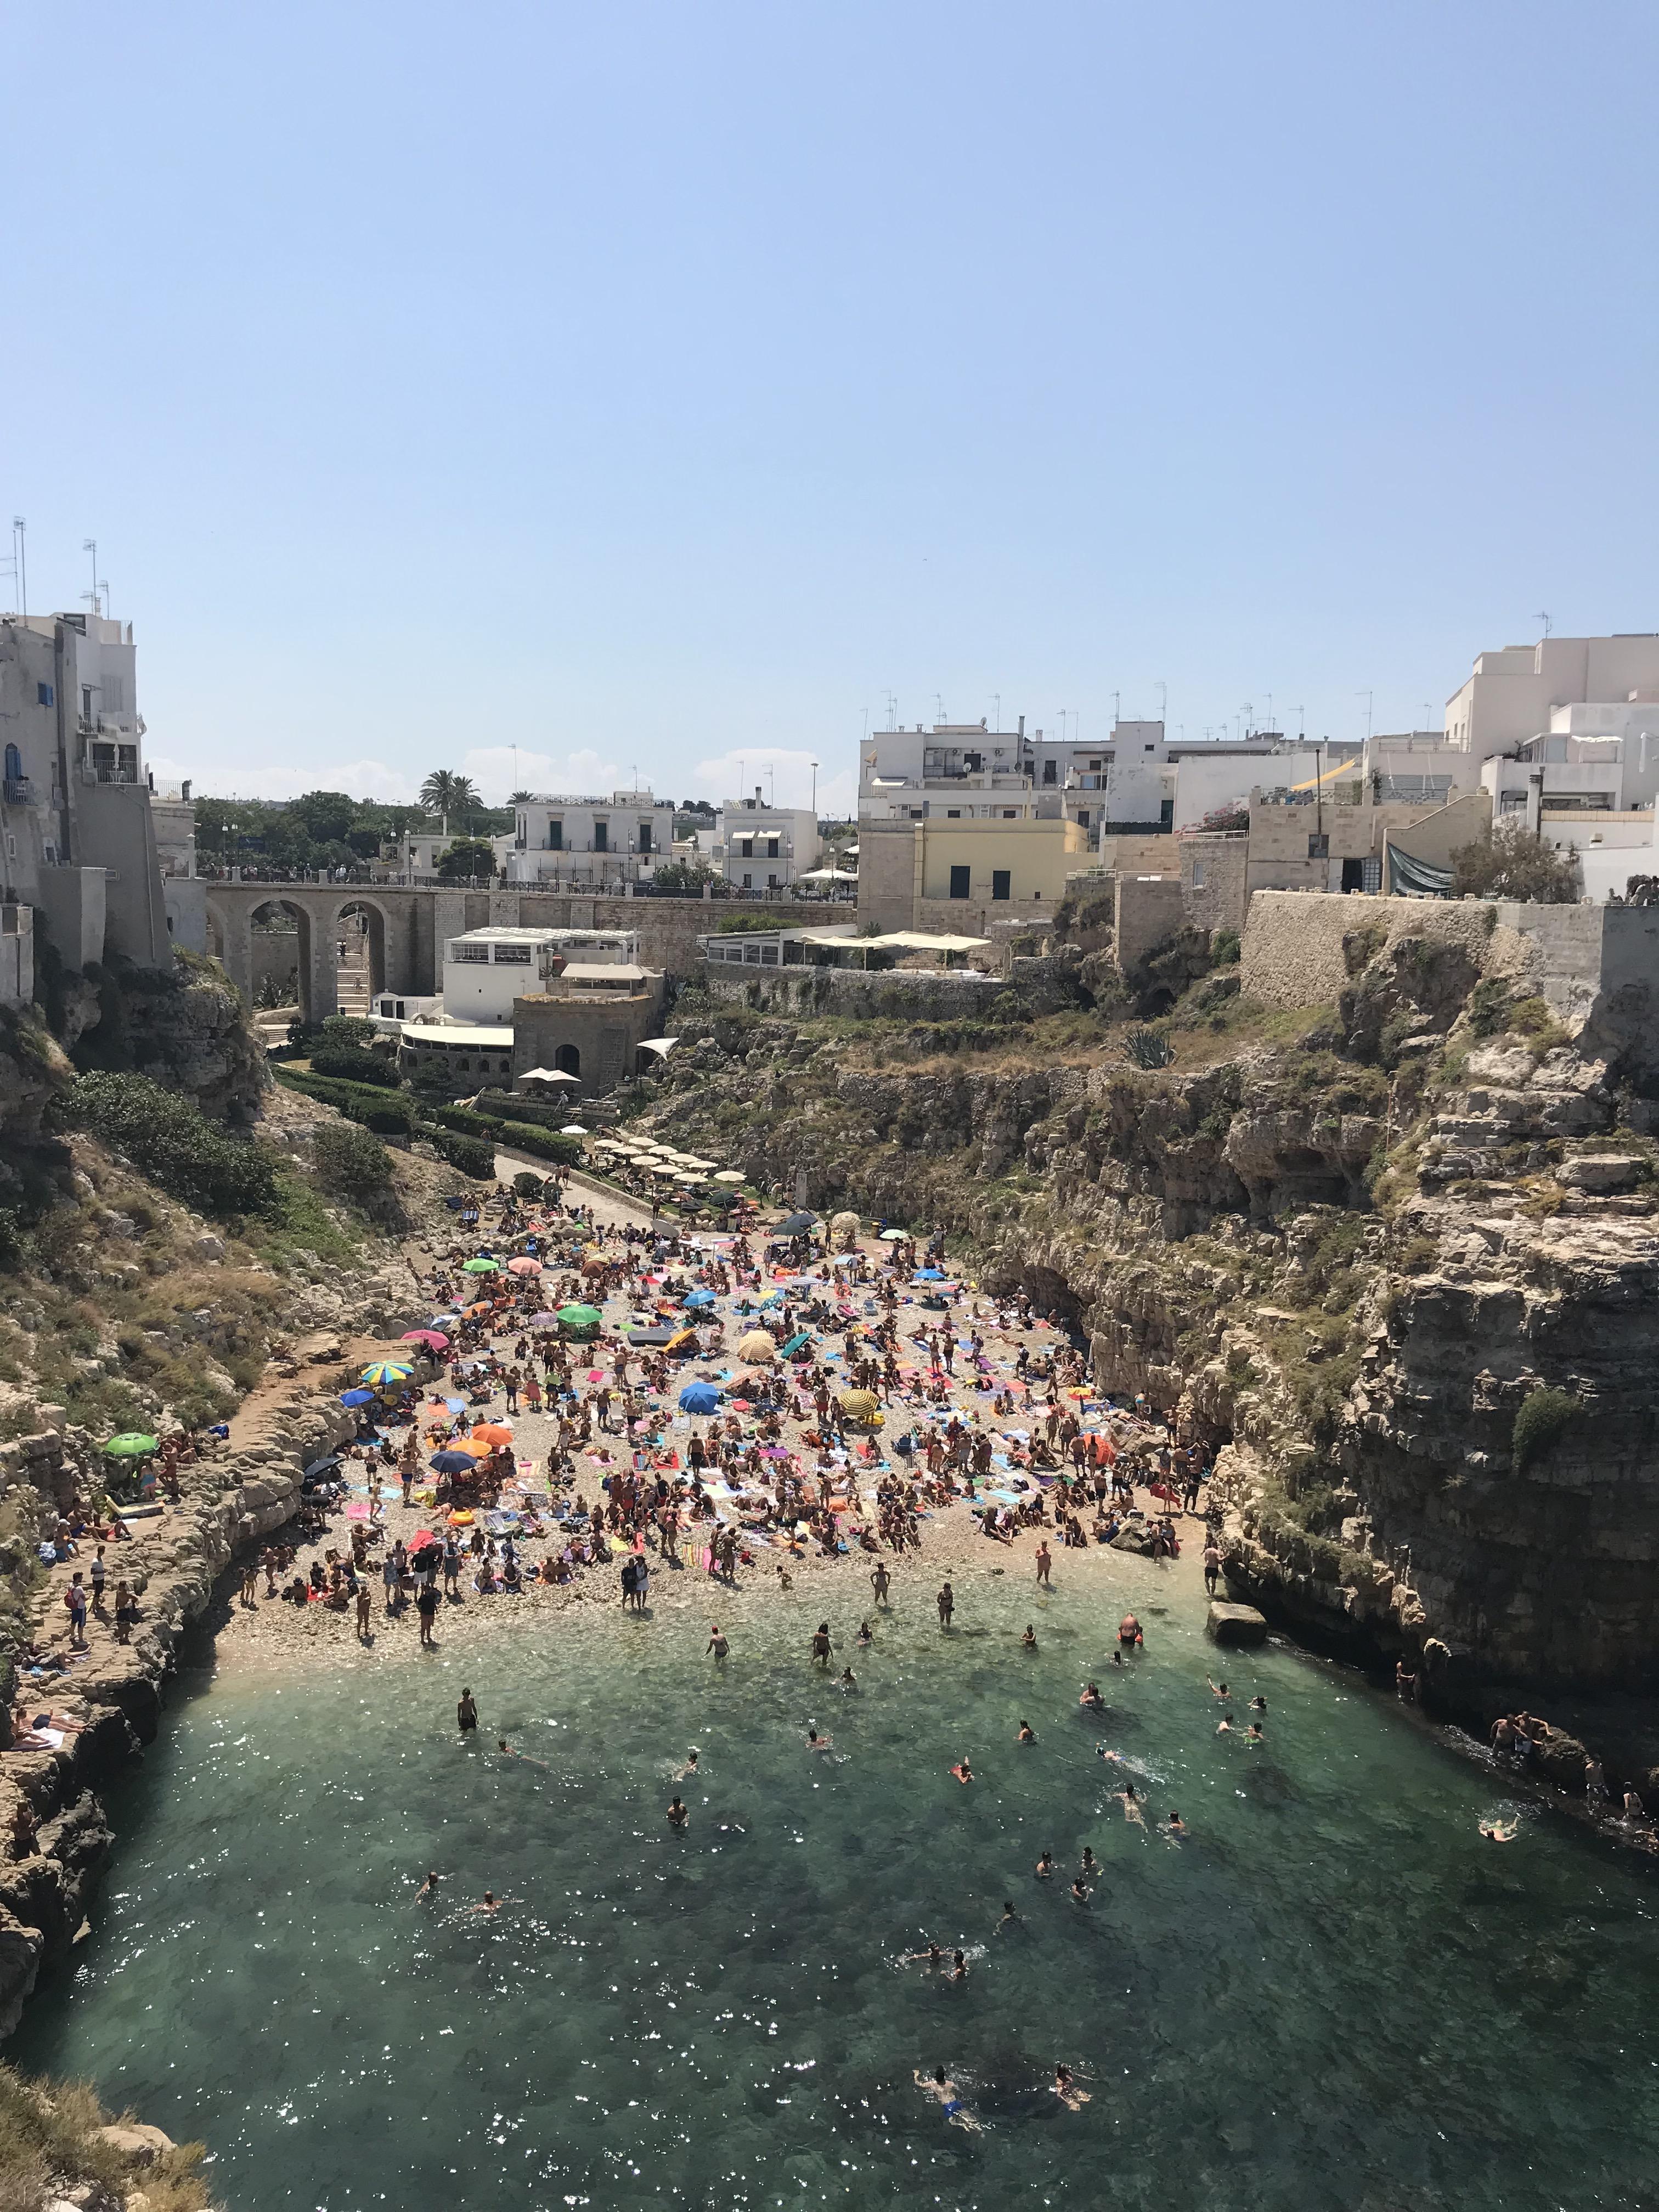 spiaggia-cala-porto-polignano-a-mare-bari-puglia